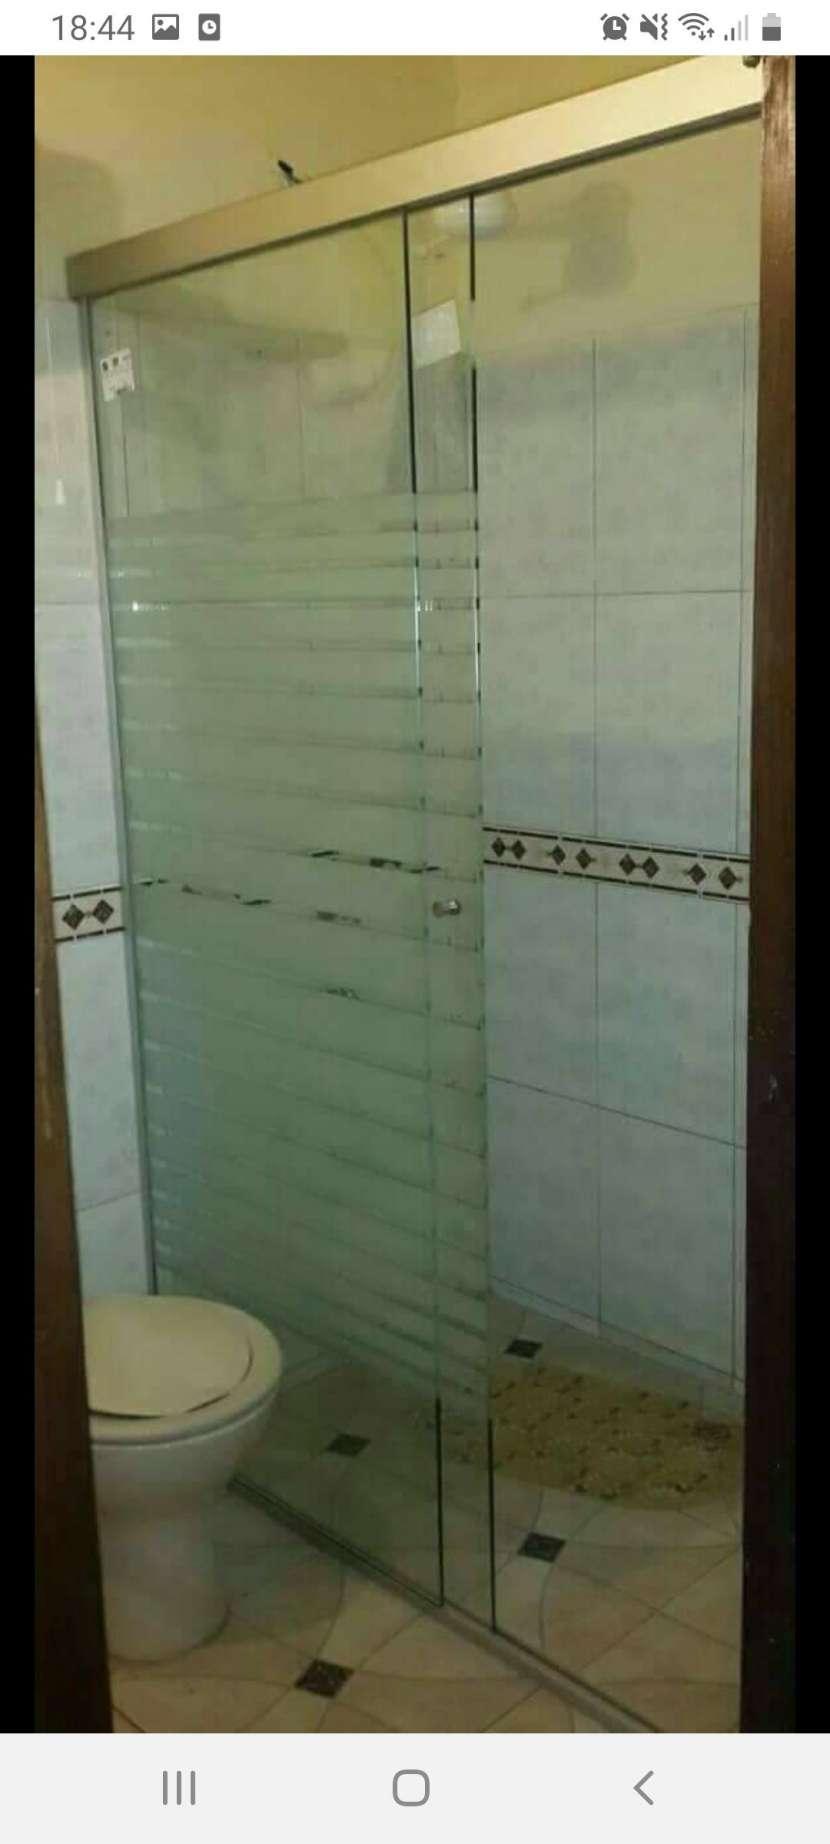 Mamparas con diseños en arenados de vidrios templados - 2